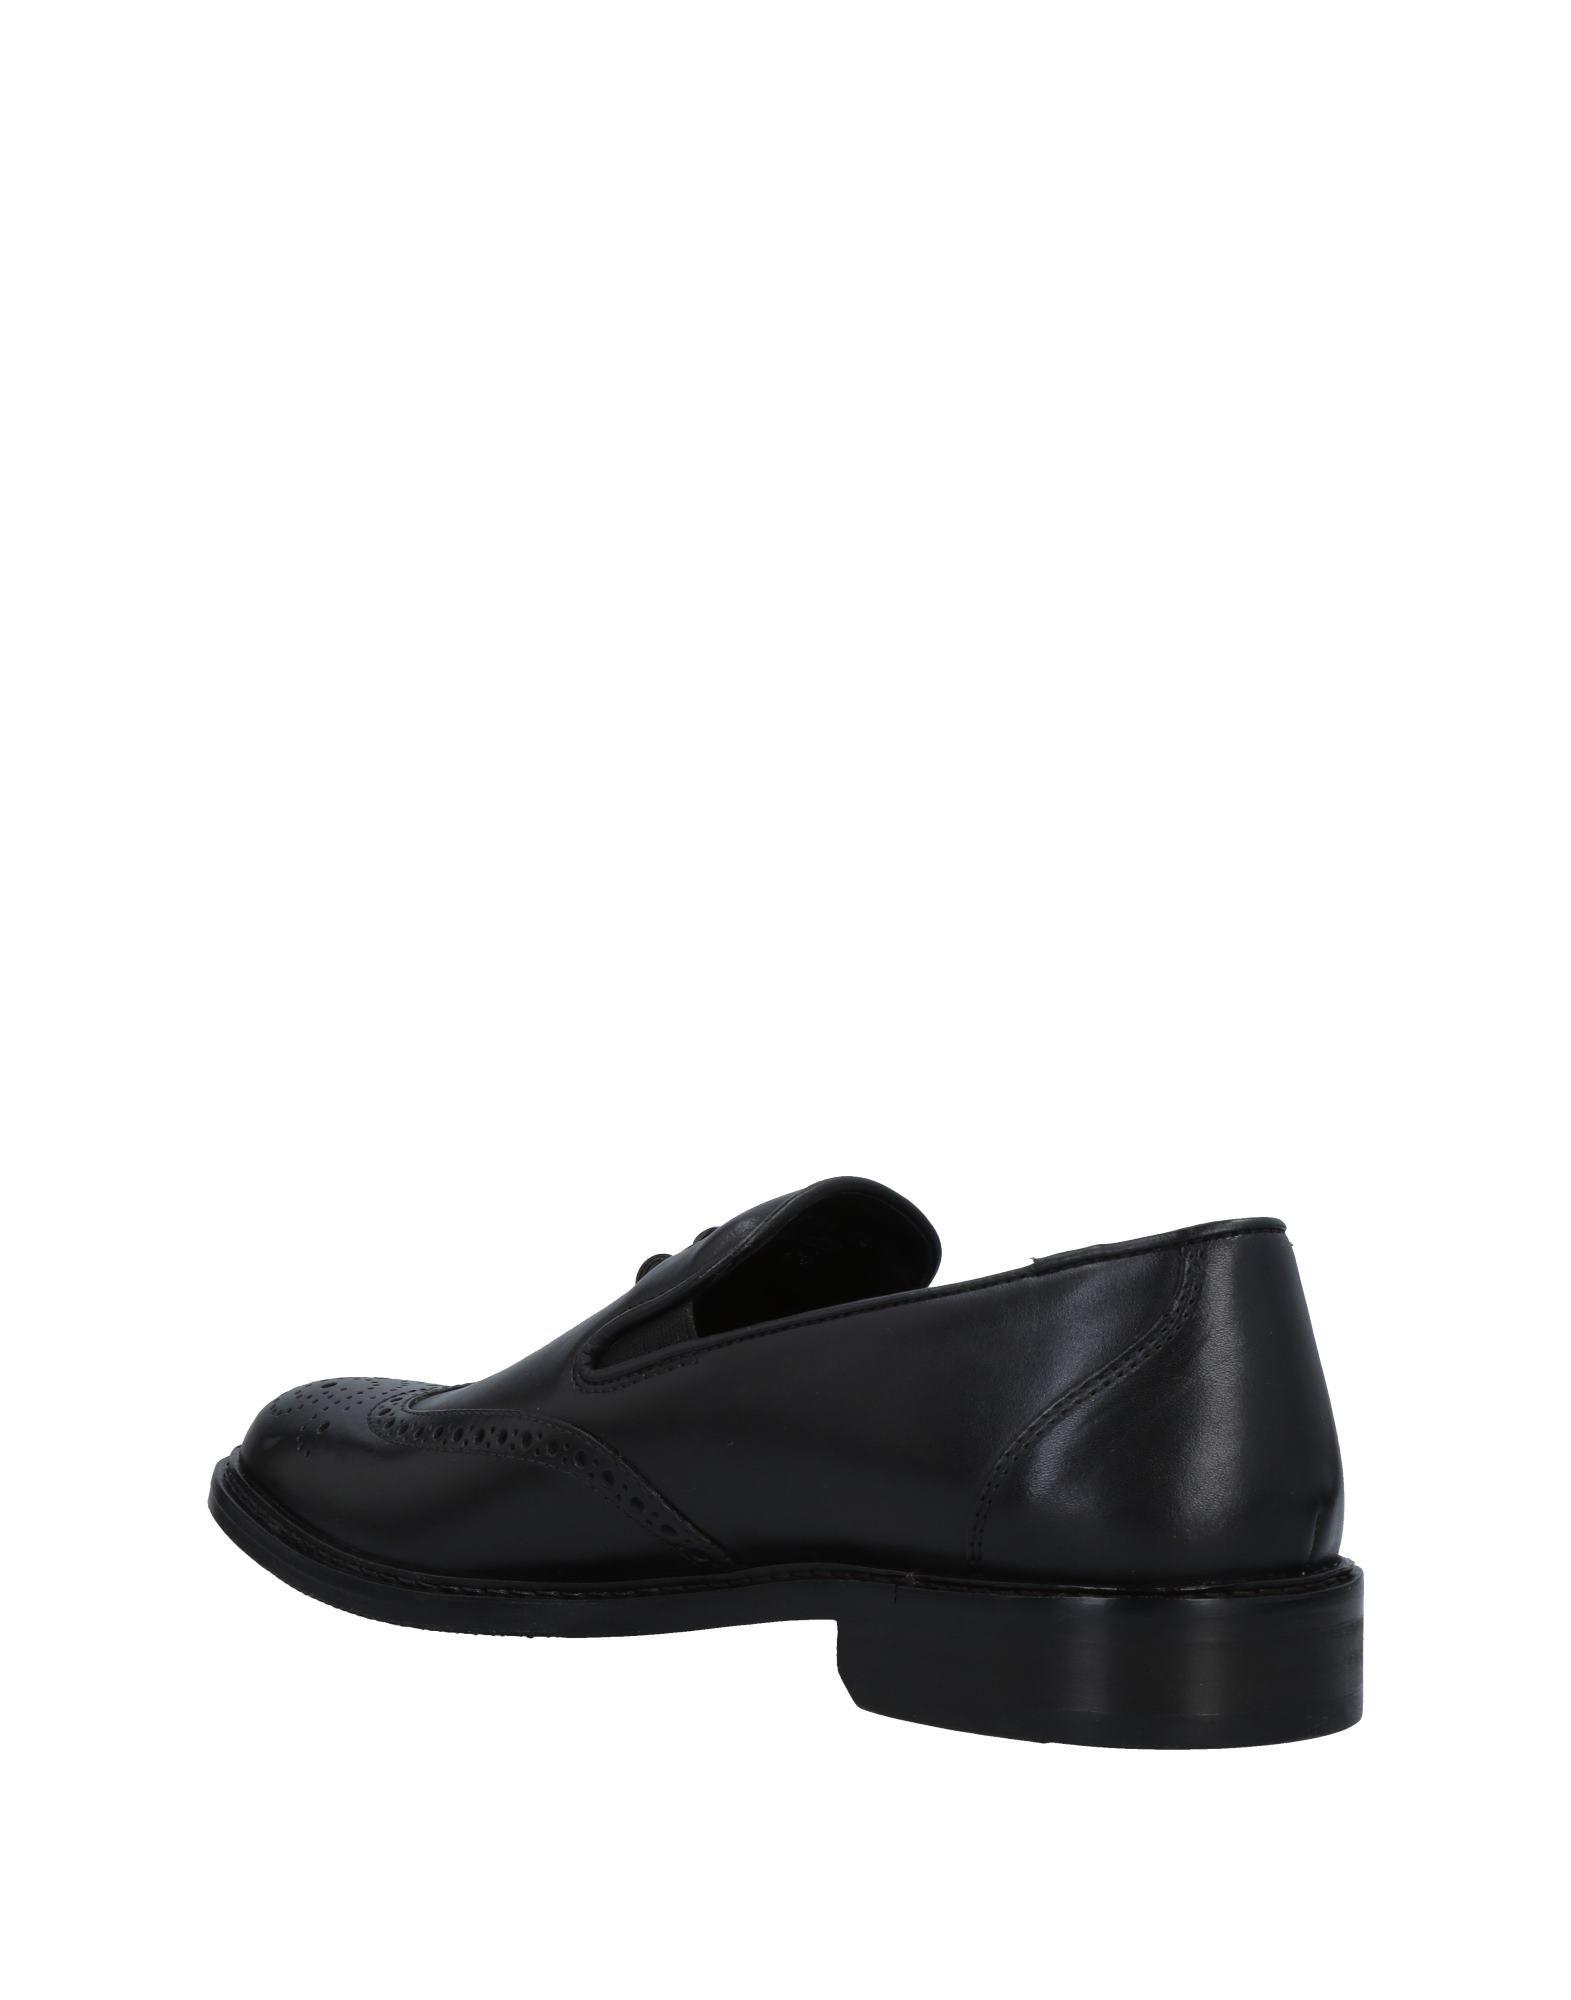 Rabatt echte  Schuhe Docksteps Mokassins Herren  echte 11477818SL 446700